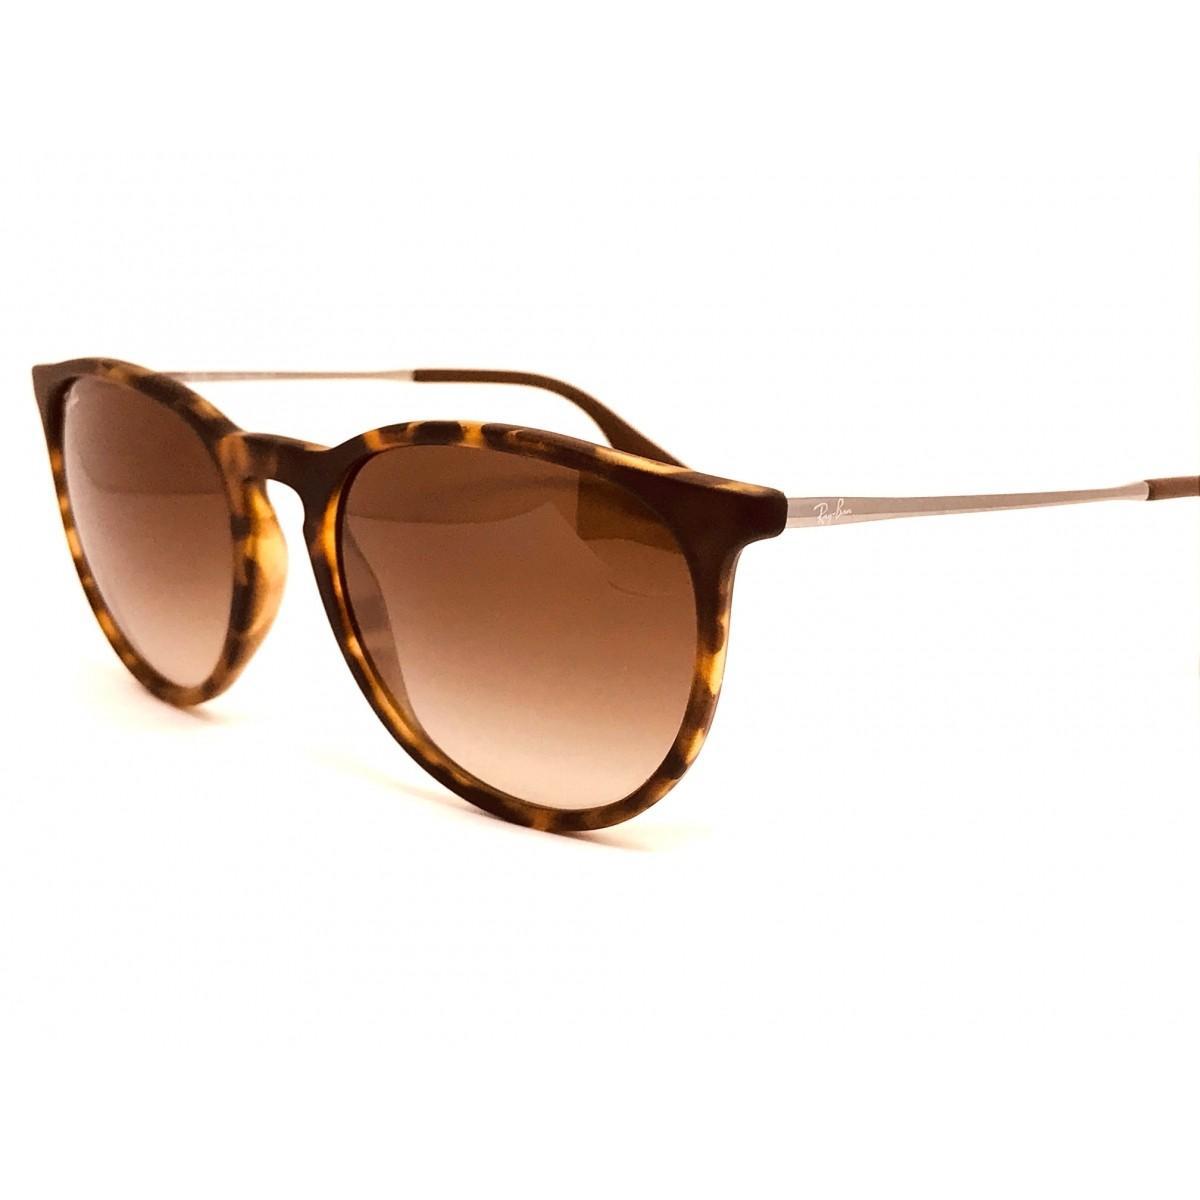 oculos de sol Ray Ban Erika RB 4171L 865 13 54 R  360,00 à vista. Adicionar  à sacola 0a2413bf0a